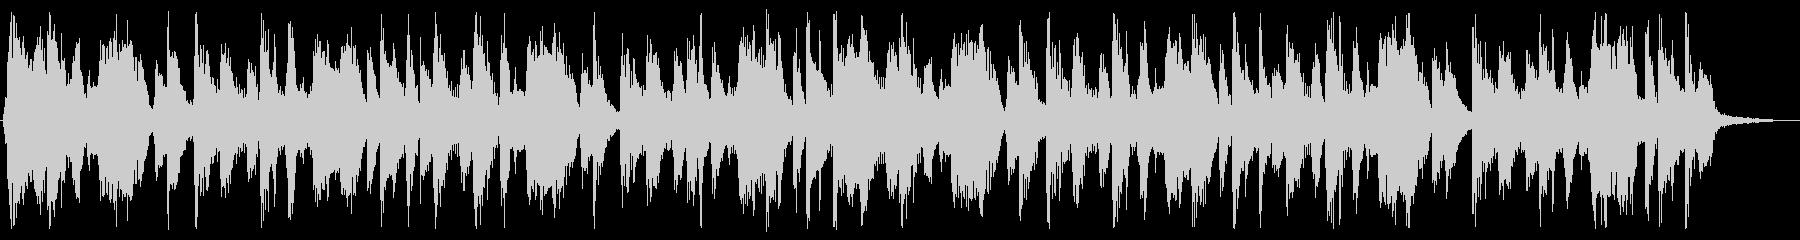 ラテン、サルサのトロピカルなジングルの未再生の波形